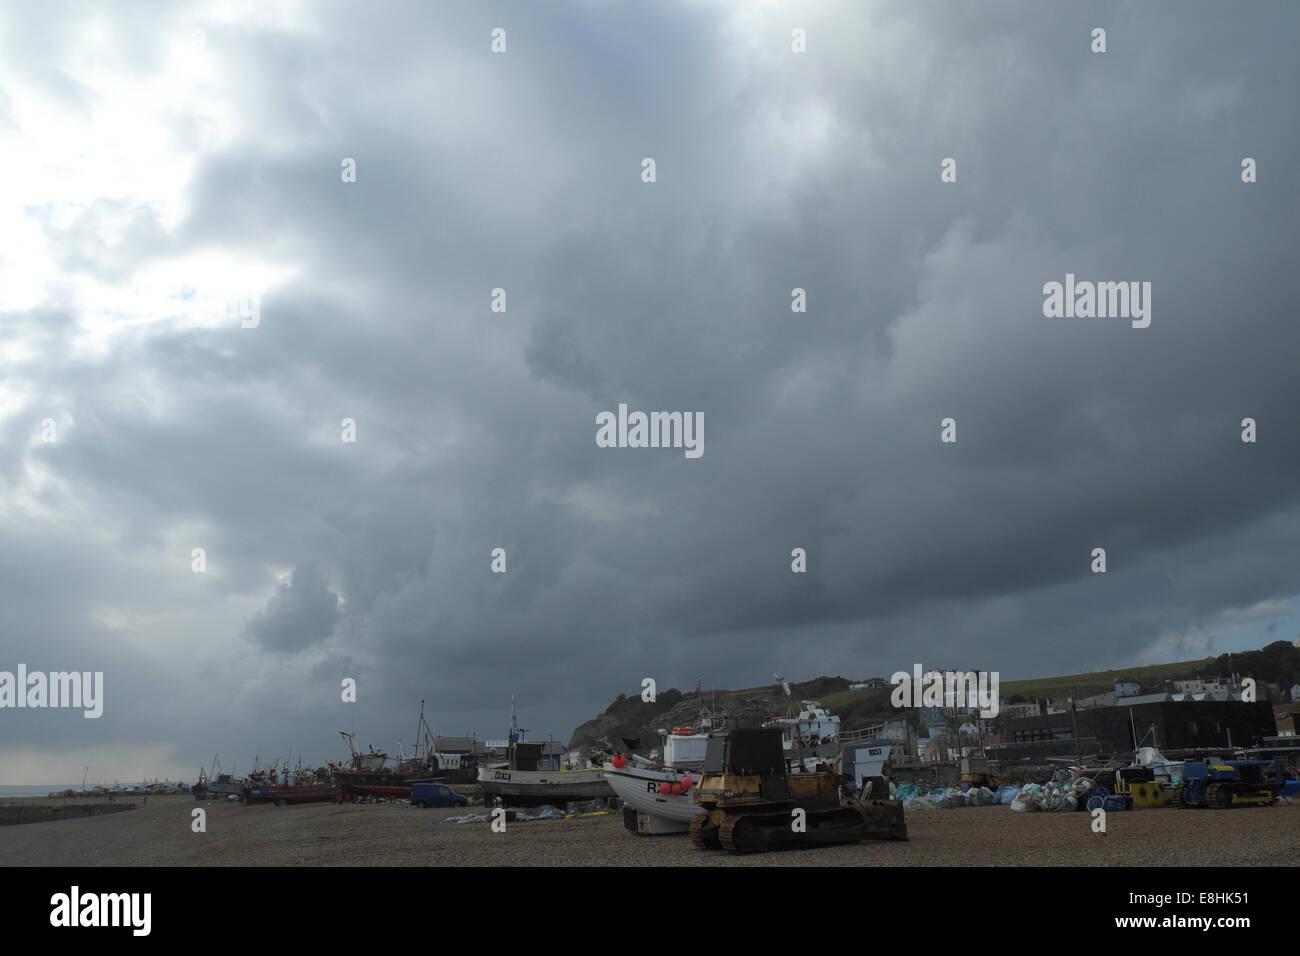 Hastings, Royaume-Uni. 8 octobre, 2014. Temps orageux sur la plage pêche Stade Hastings, East Sussex, UK. Banque D'Images